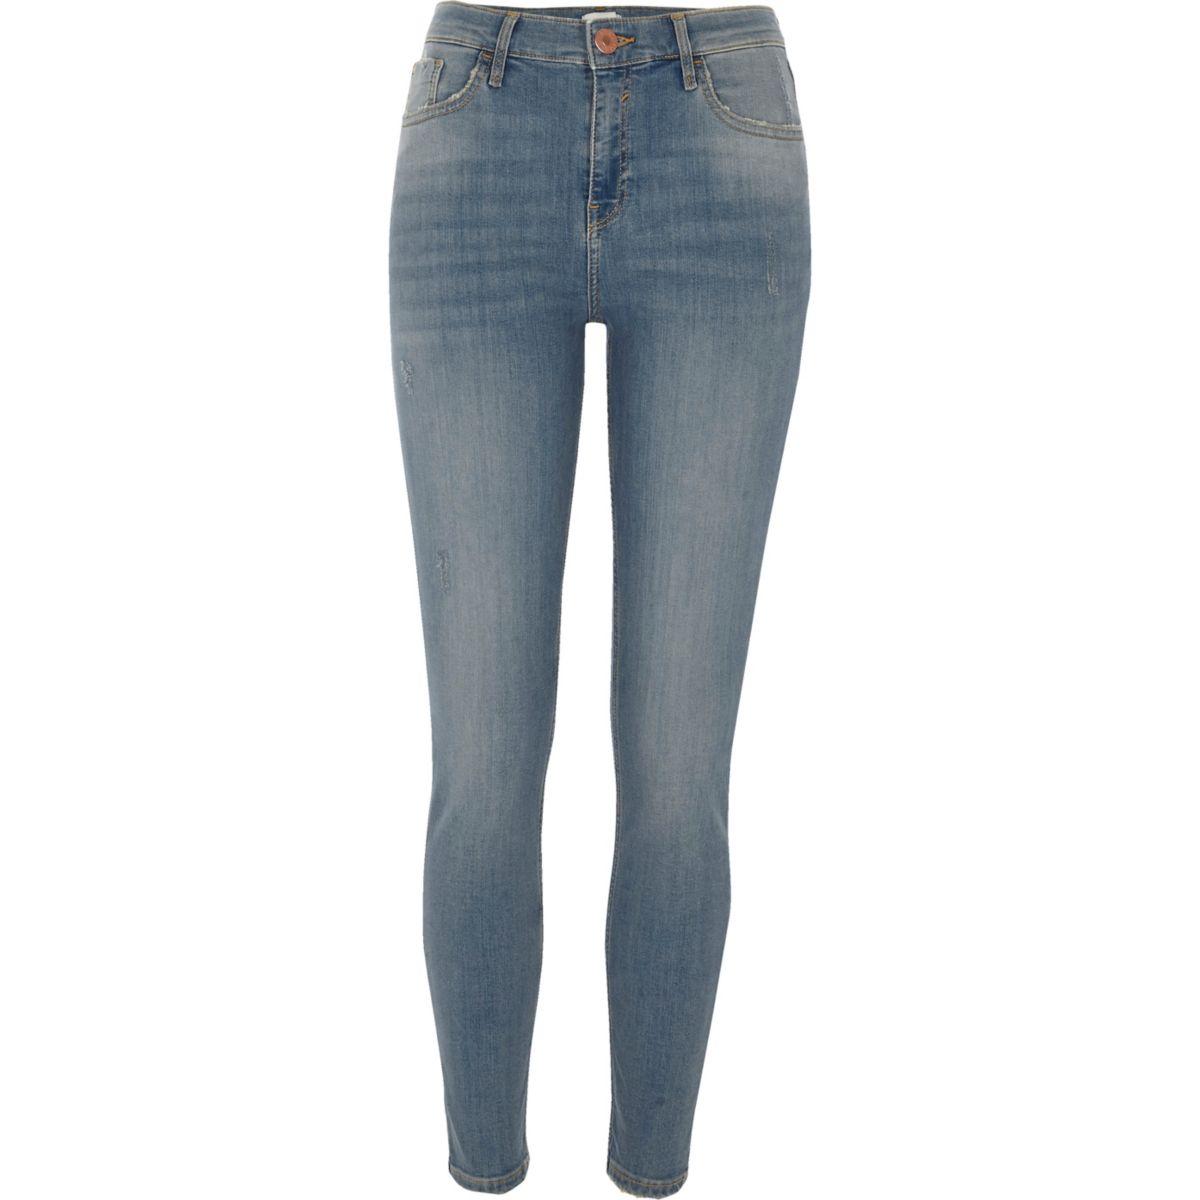 Light blue wash Amelie super skinny jeans